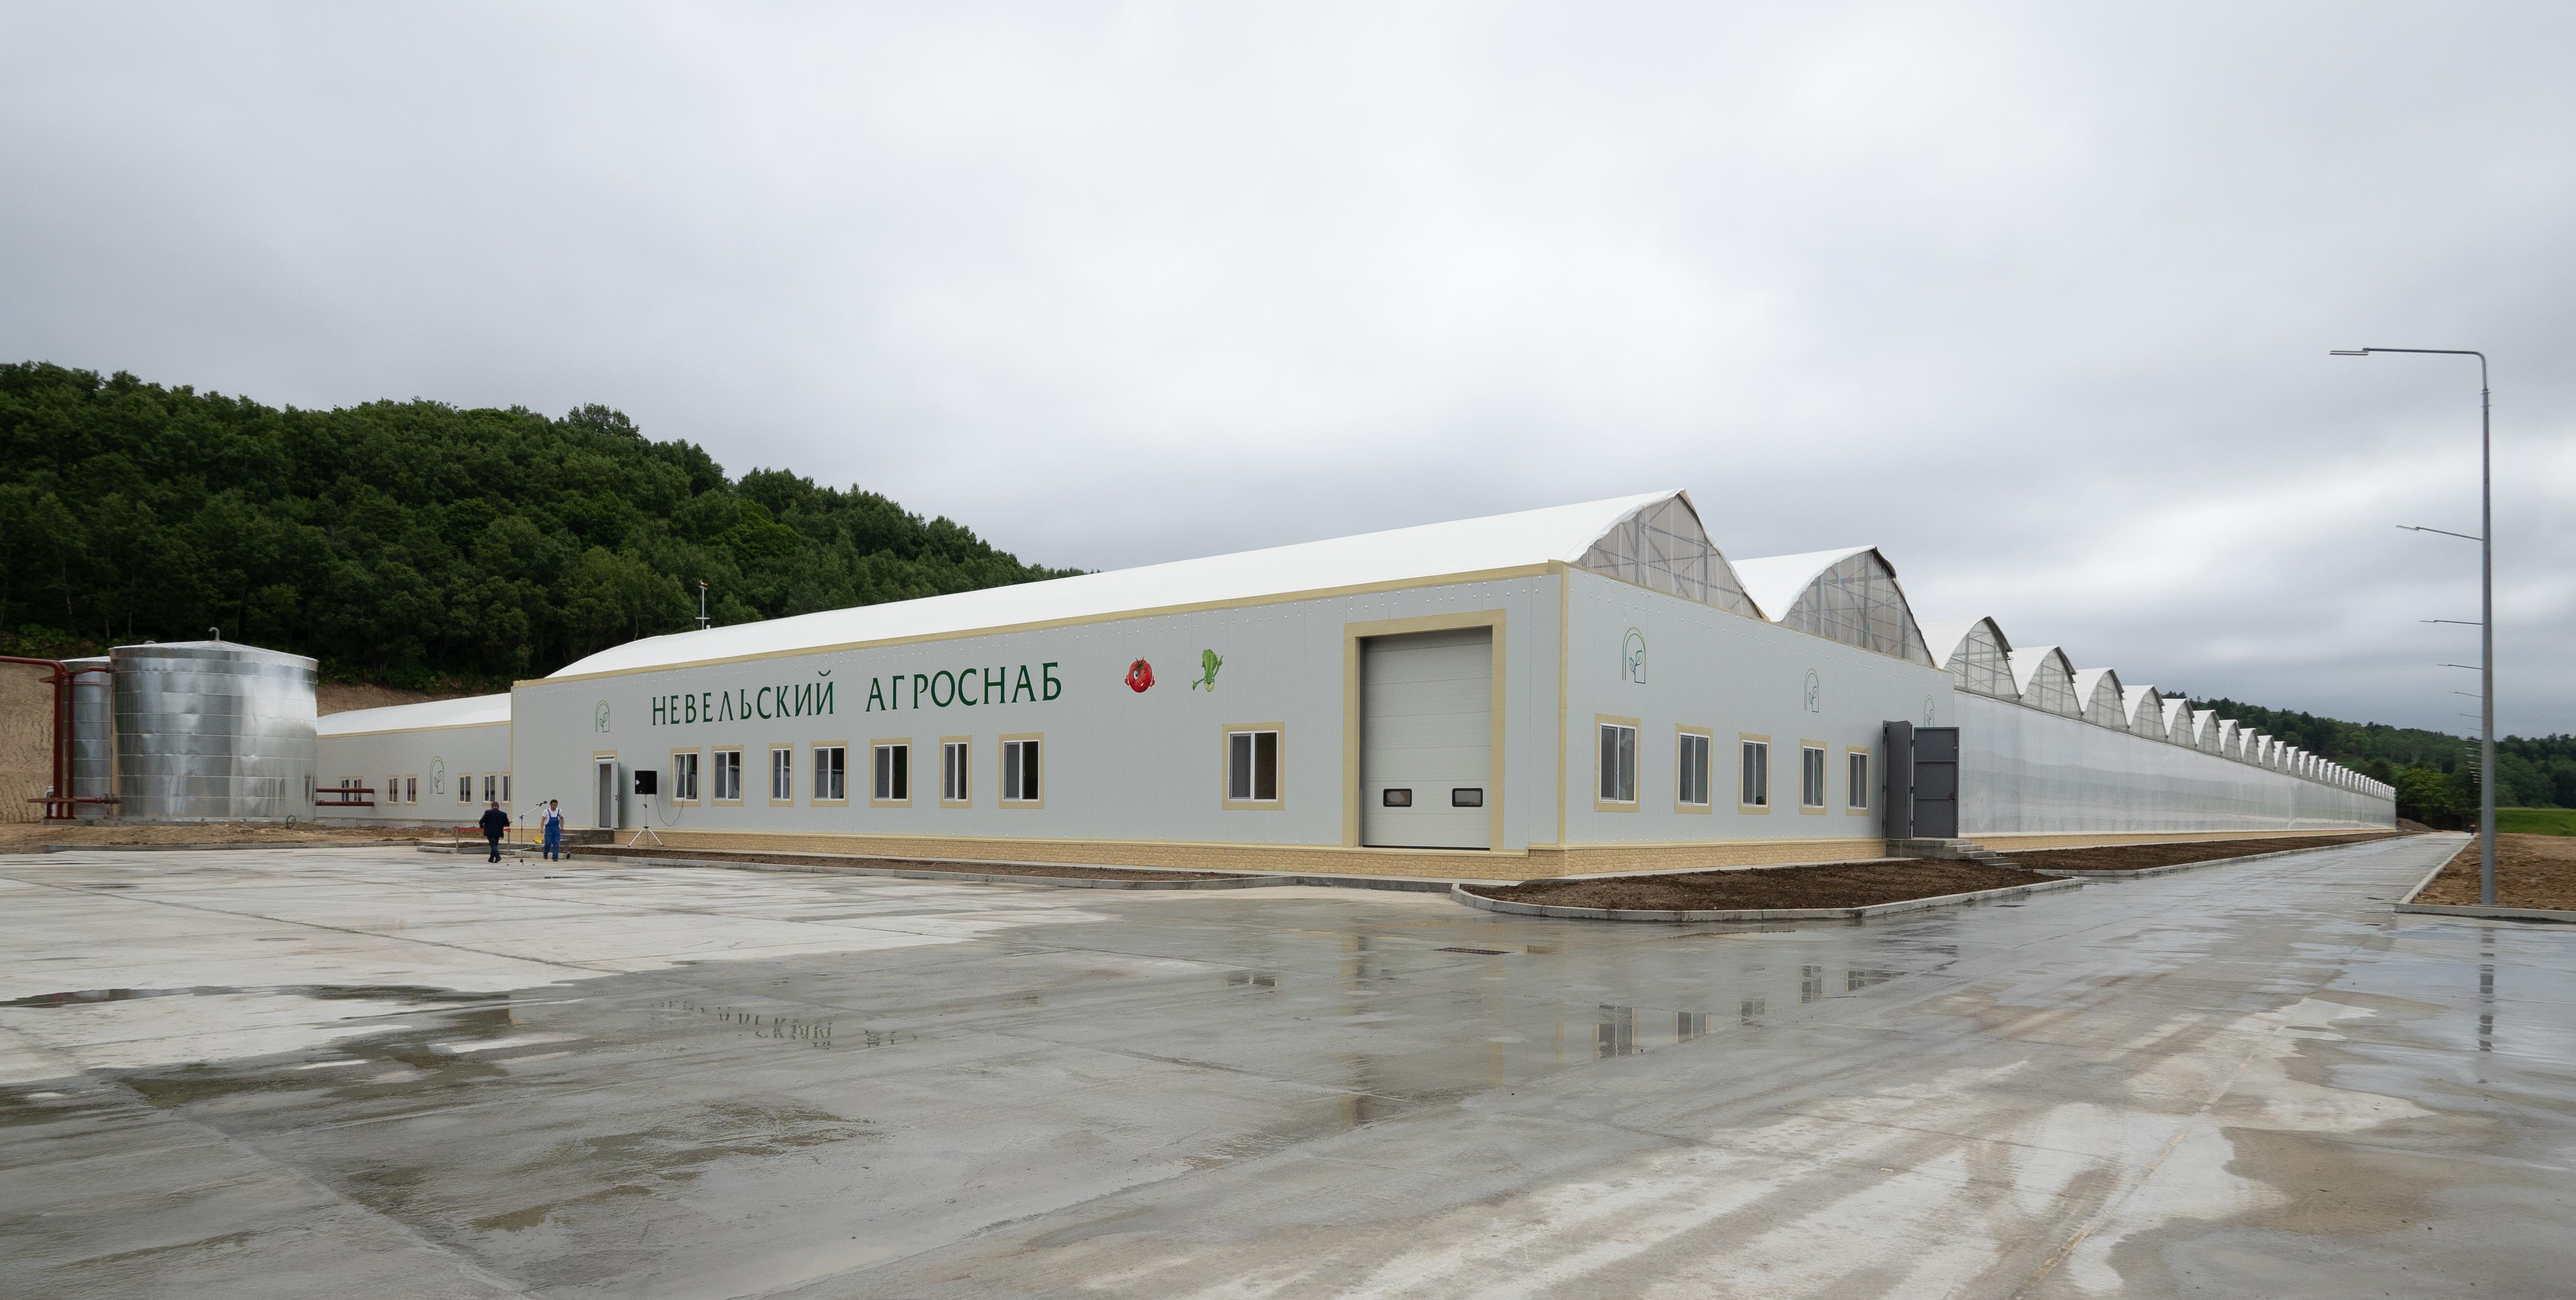 В Невельском районе торжественно открыли новый тепличный комплекс